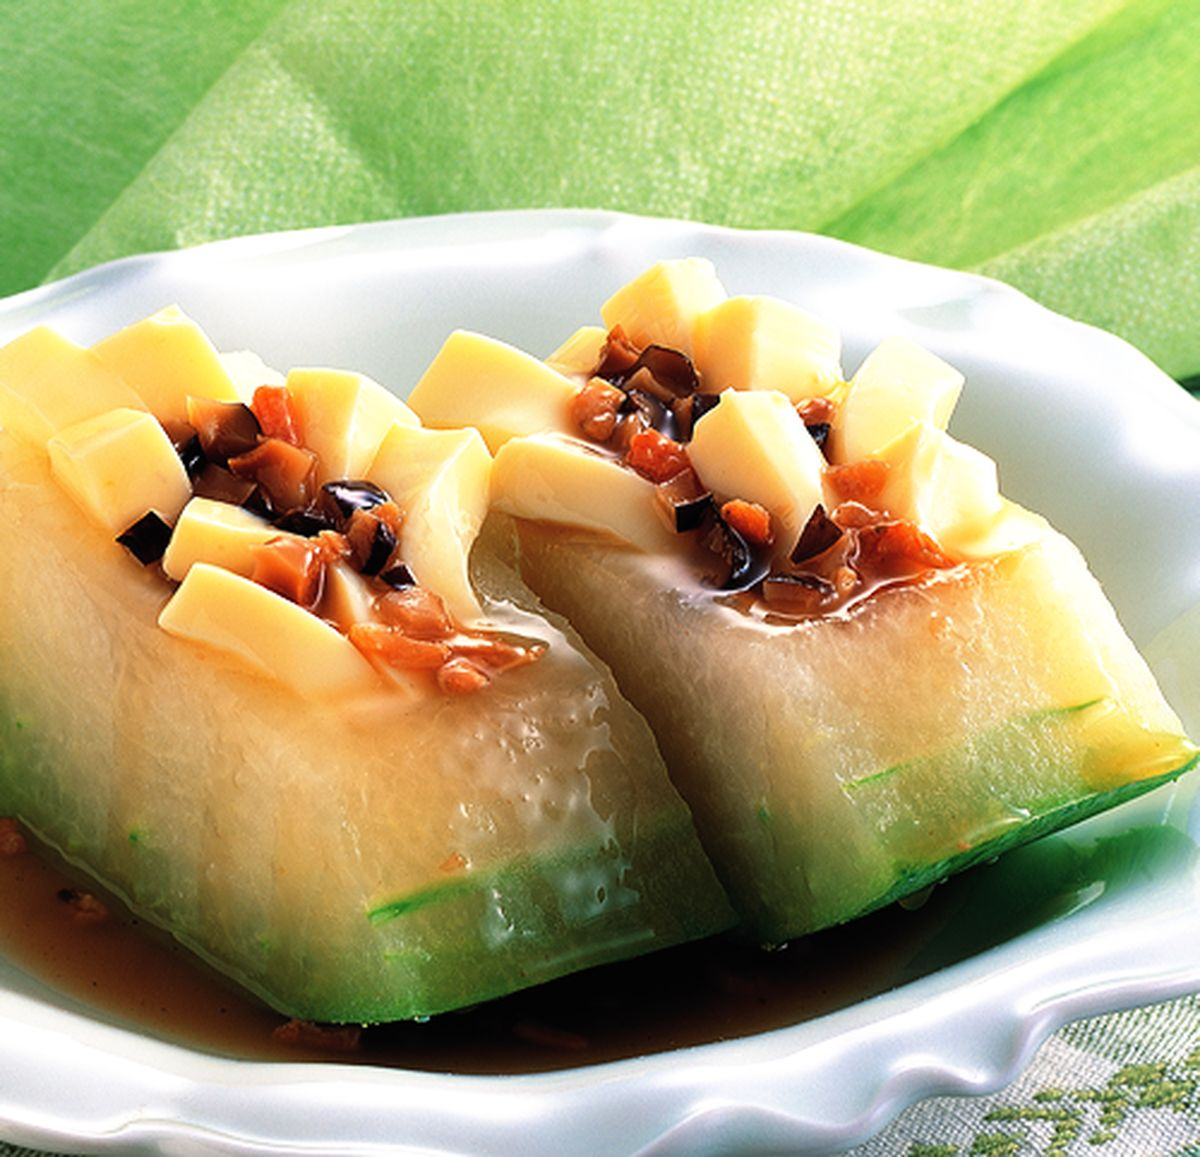 食譜:豆腐冬瓜盒